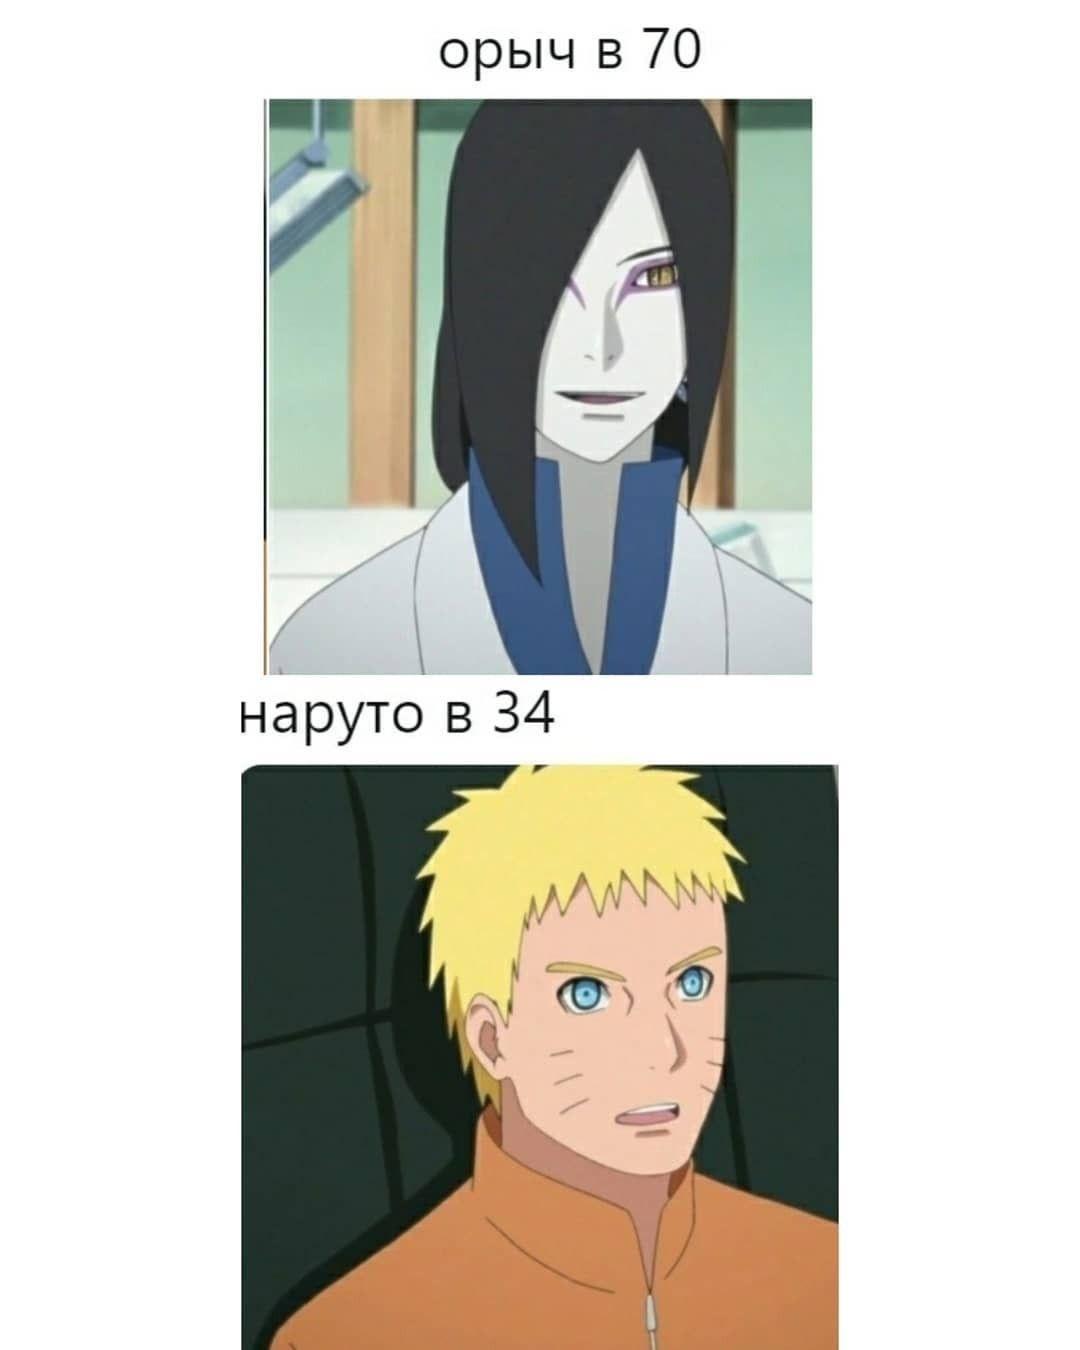 Угарные аниме мемы Наруто 2021 01